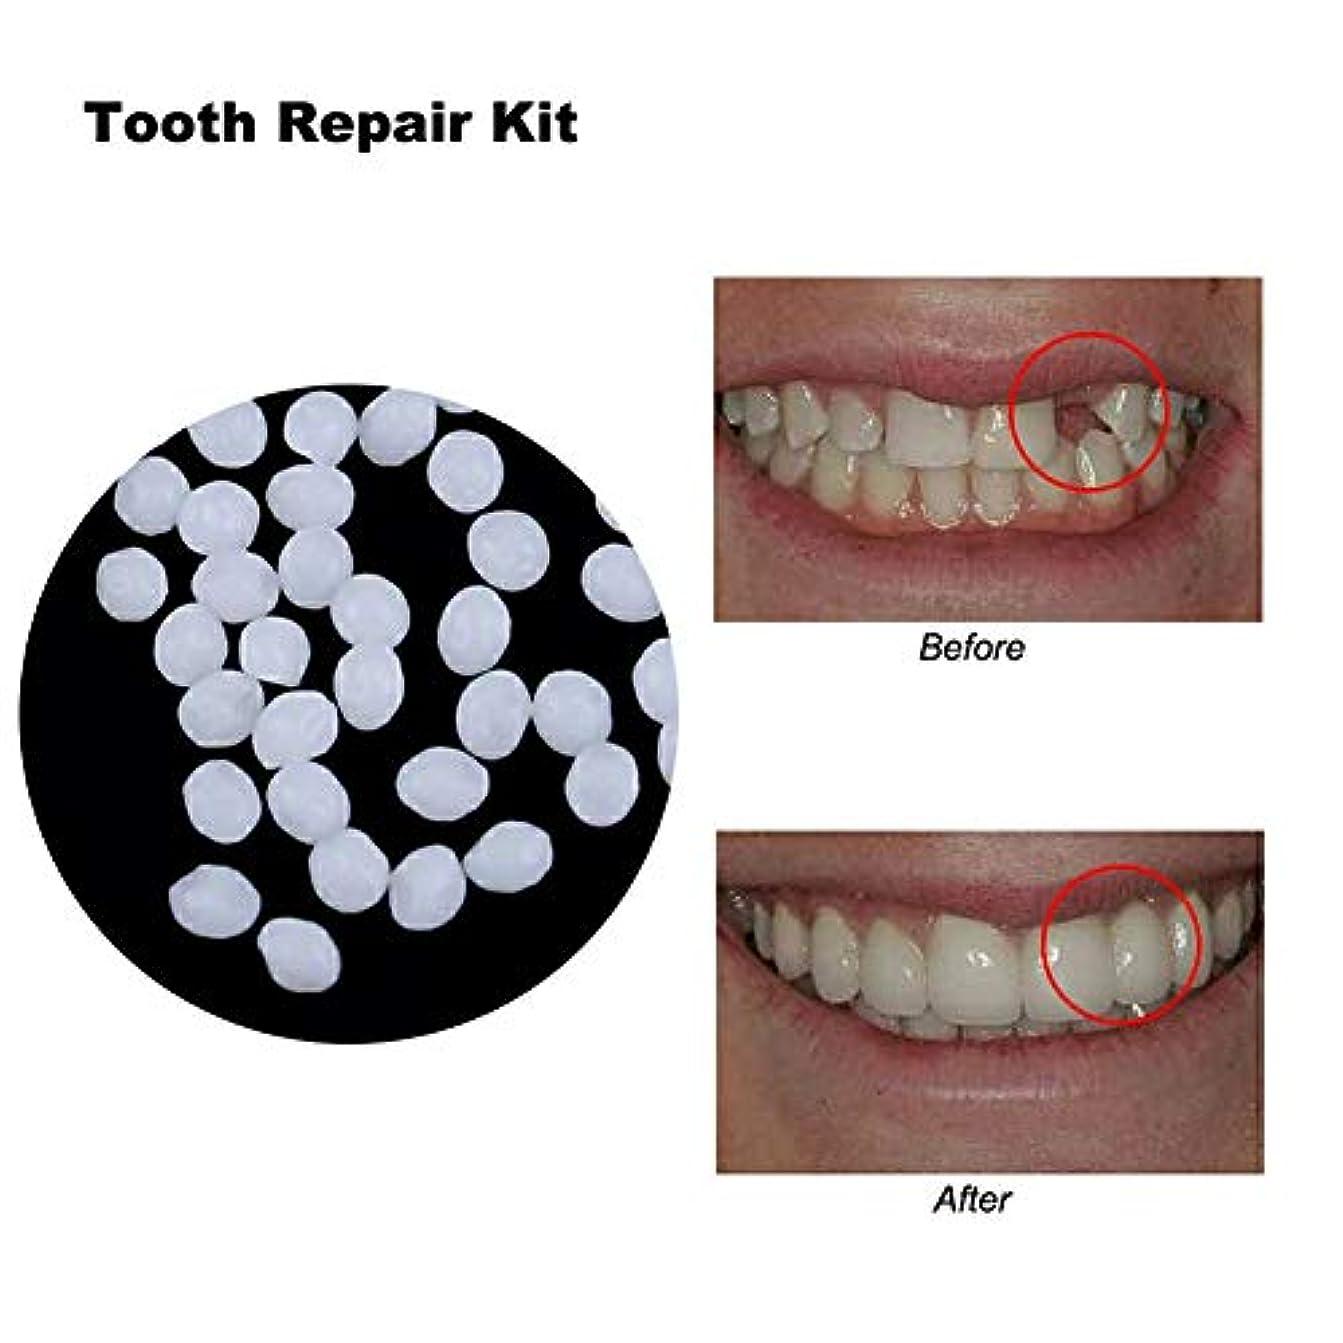 破裂混乱させるスタック偽歯固体接着剤、樹脂の歯とギャップのための一時的な化粧品の歯の修復キットクリエイティブ義歯接着剤,10ml14g